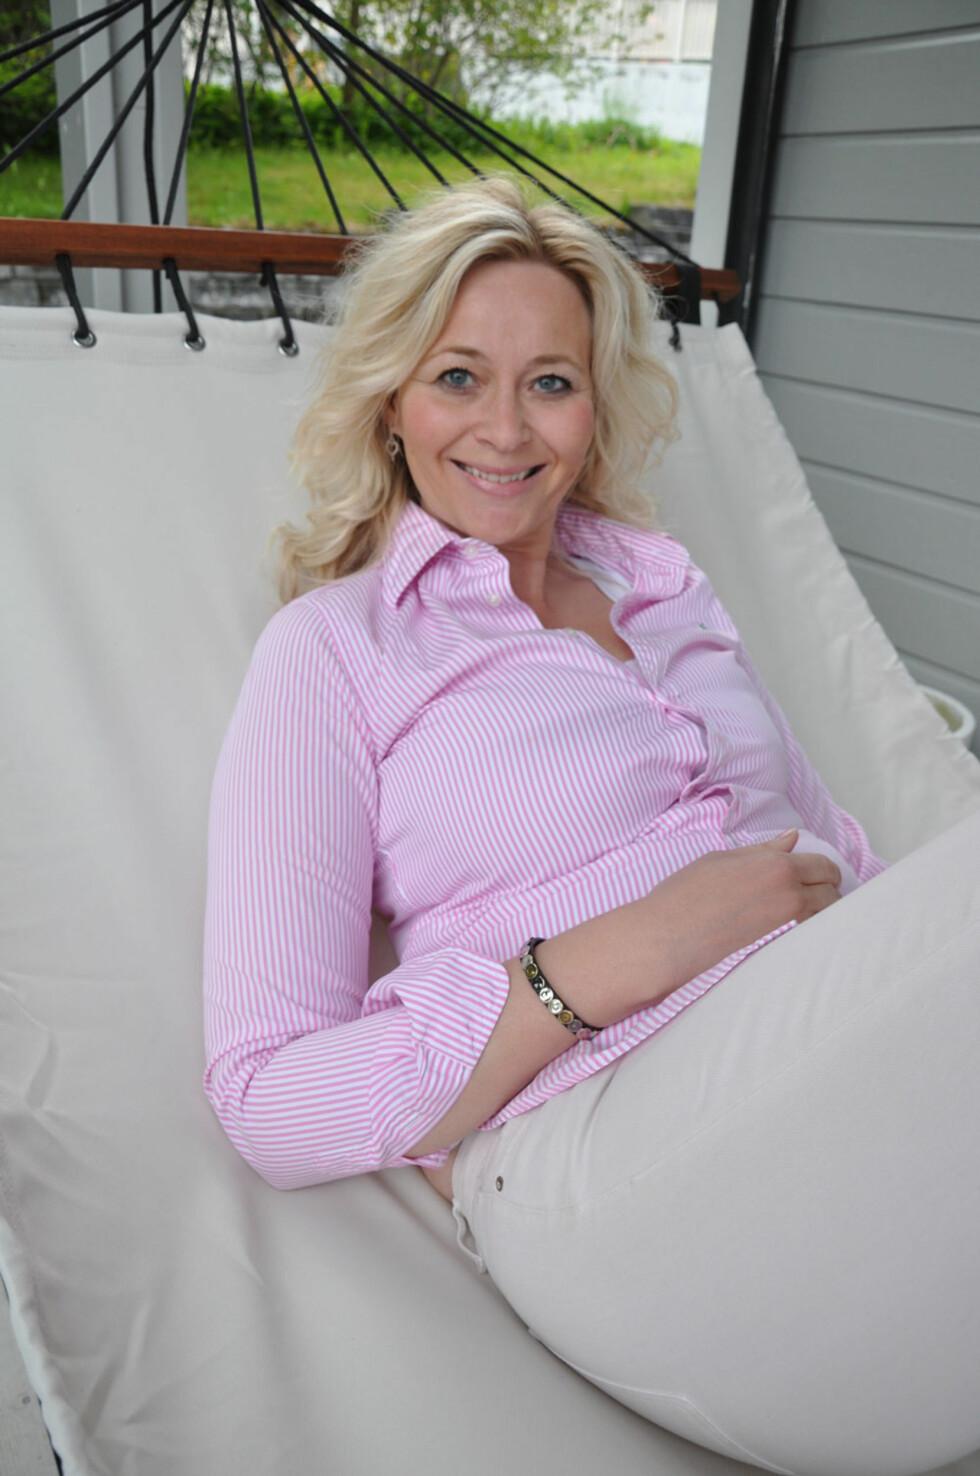 TRENGER HVILE: Gro Linn har lært seg å lytte til kroppen, og hun sørger hun for å få nok hvile når det er nødvendig. Da er hengekøya i hagen et deilig alternativ. Foto: Gyri Aure